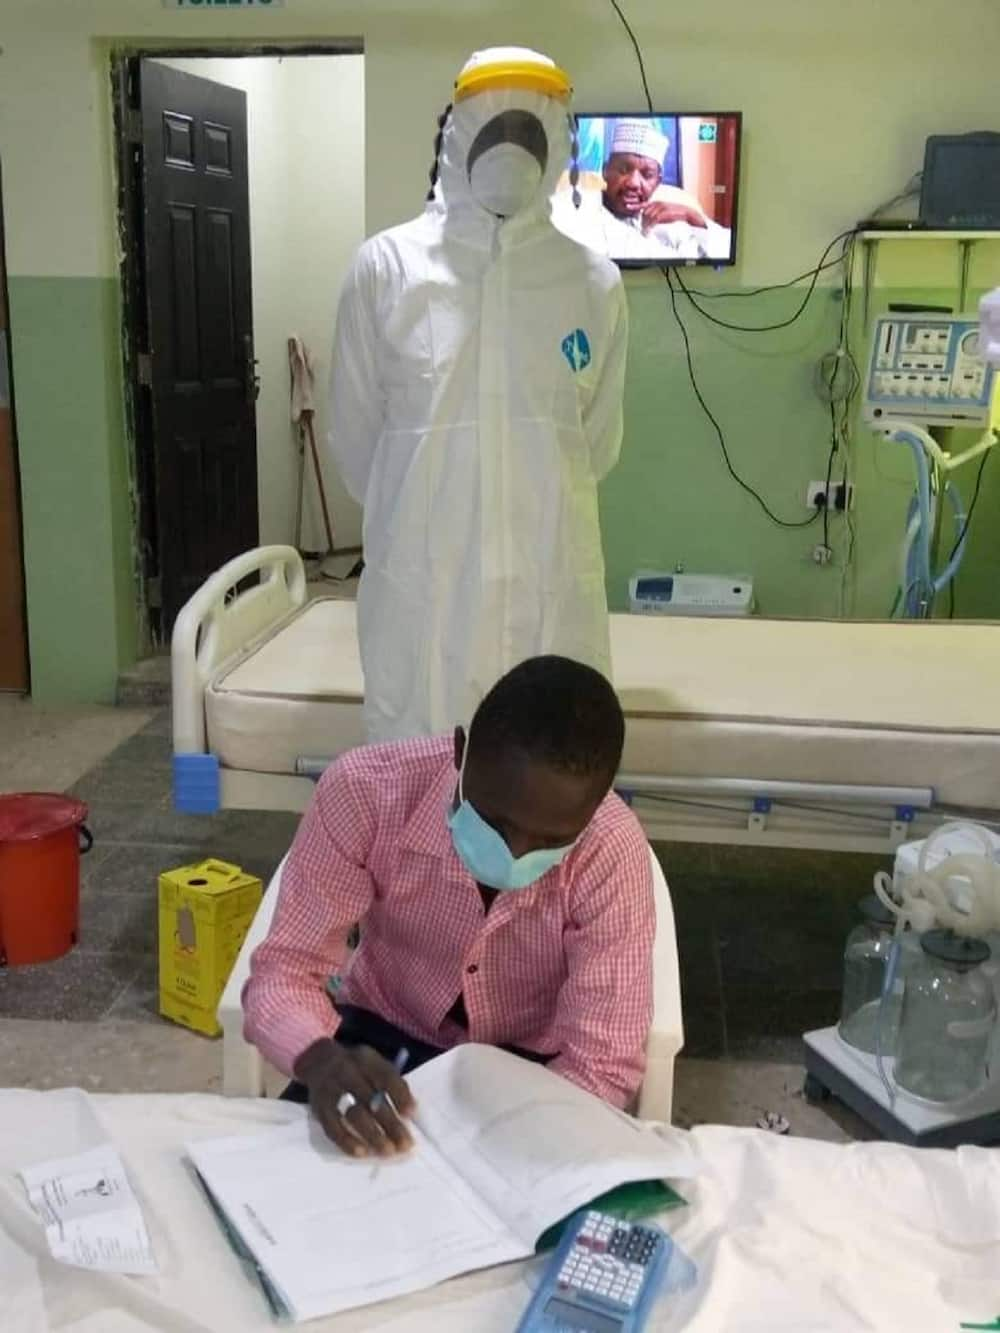 Hotuna: Yadda dalibin sakandare mai korona ke rubuta SSCE a Gombe